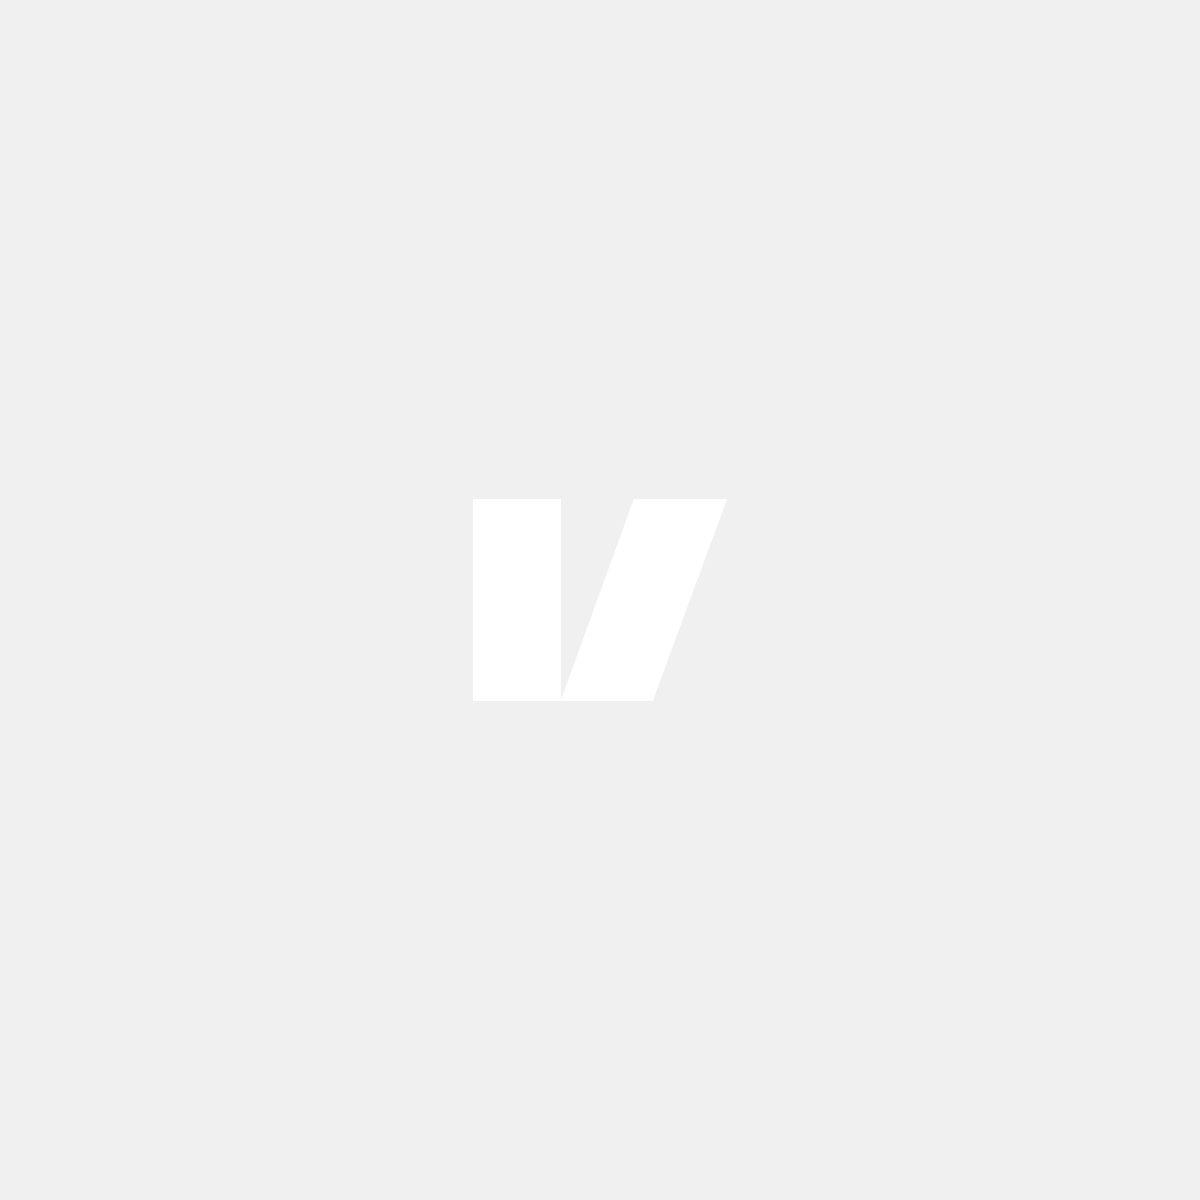 Silikonslang spjällhus till Volvo 850, S70, V70, blå